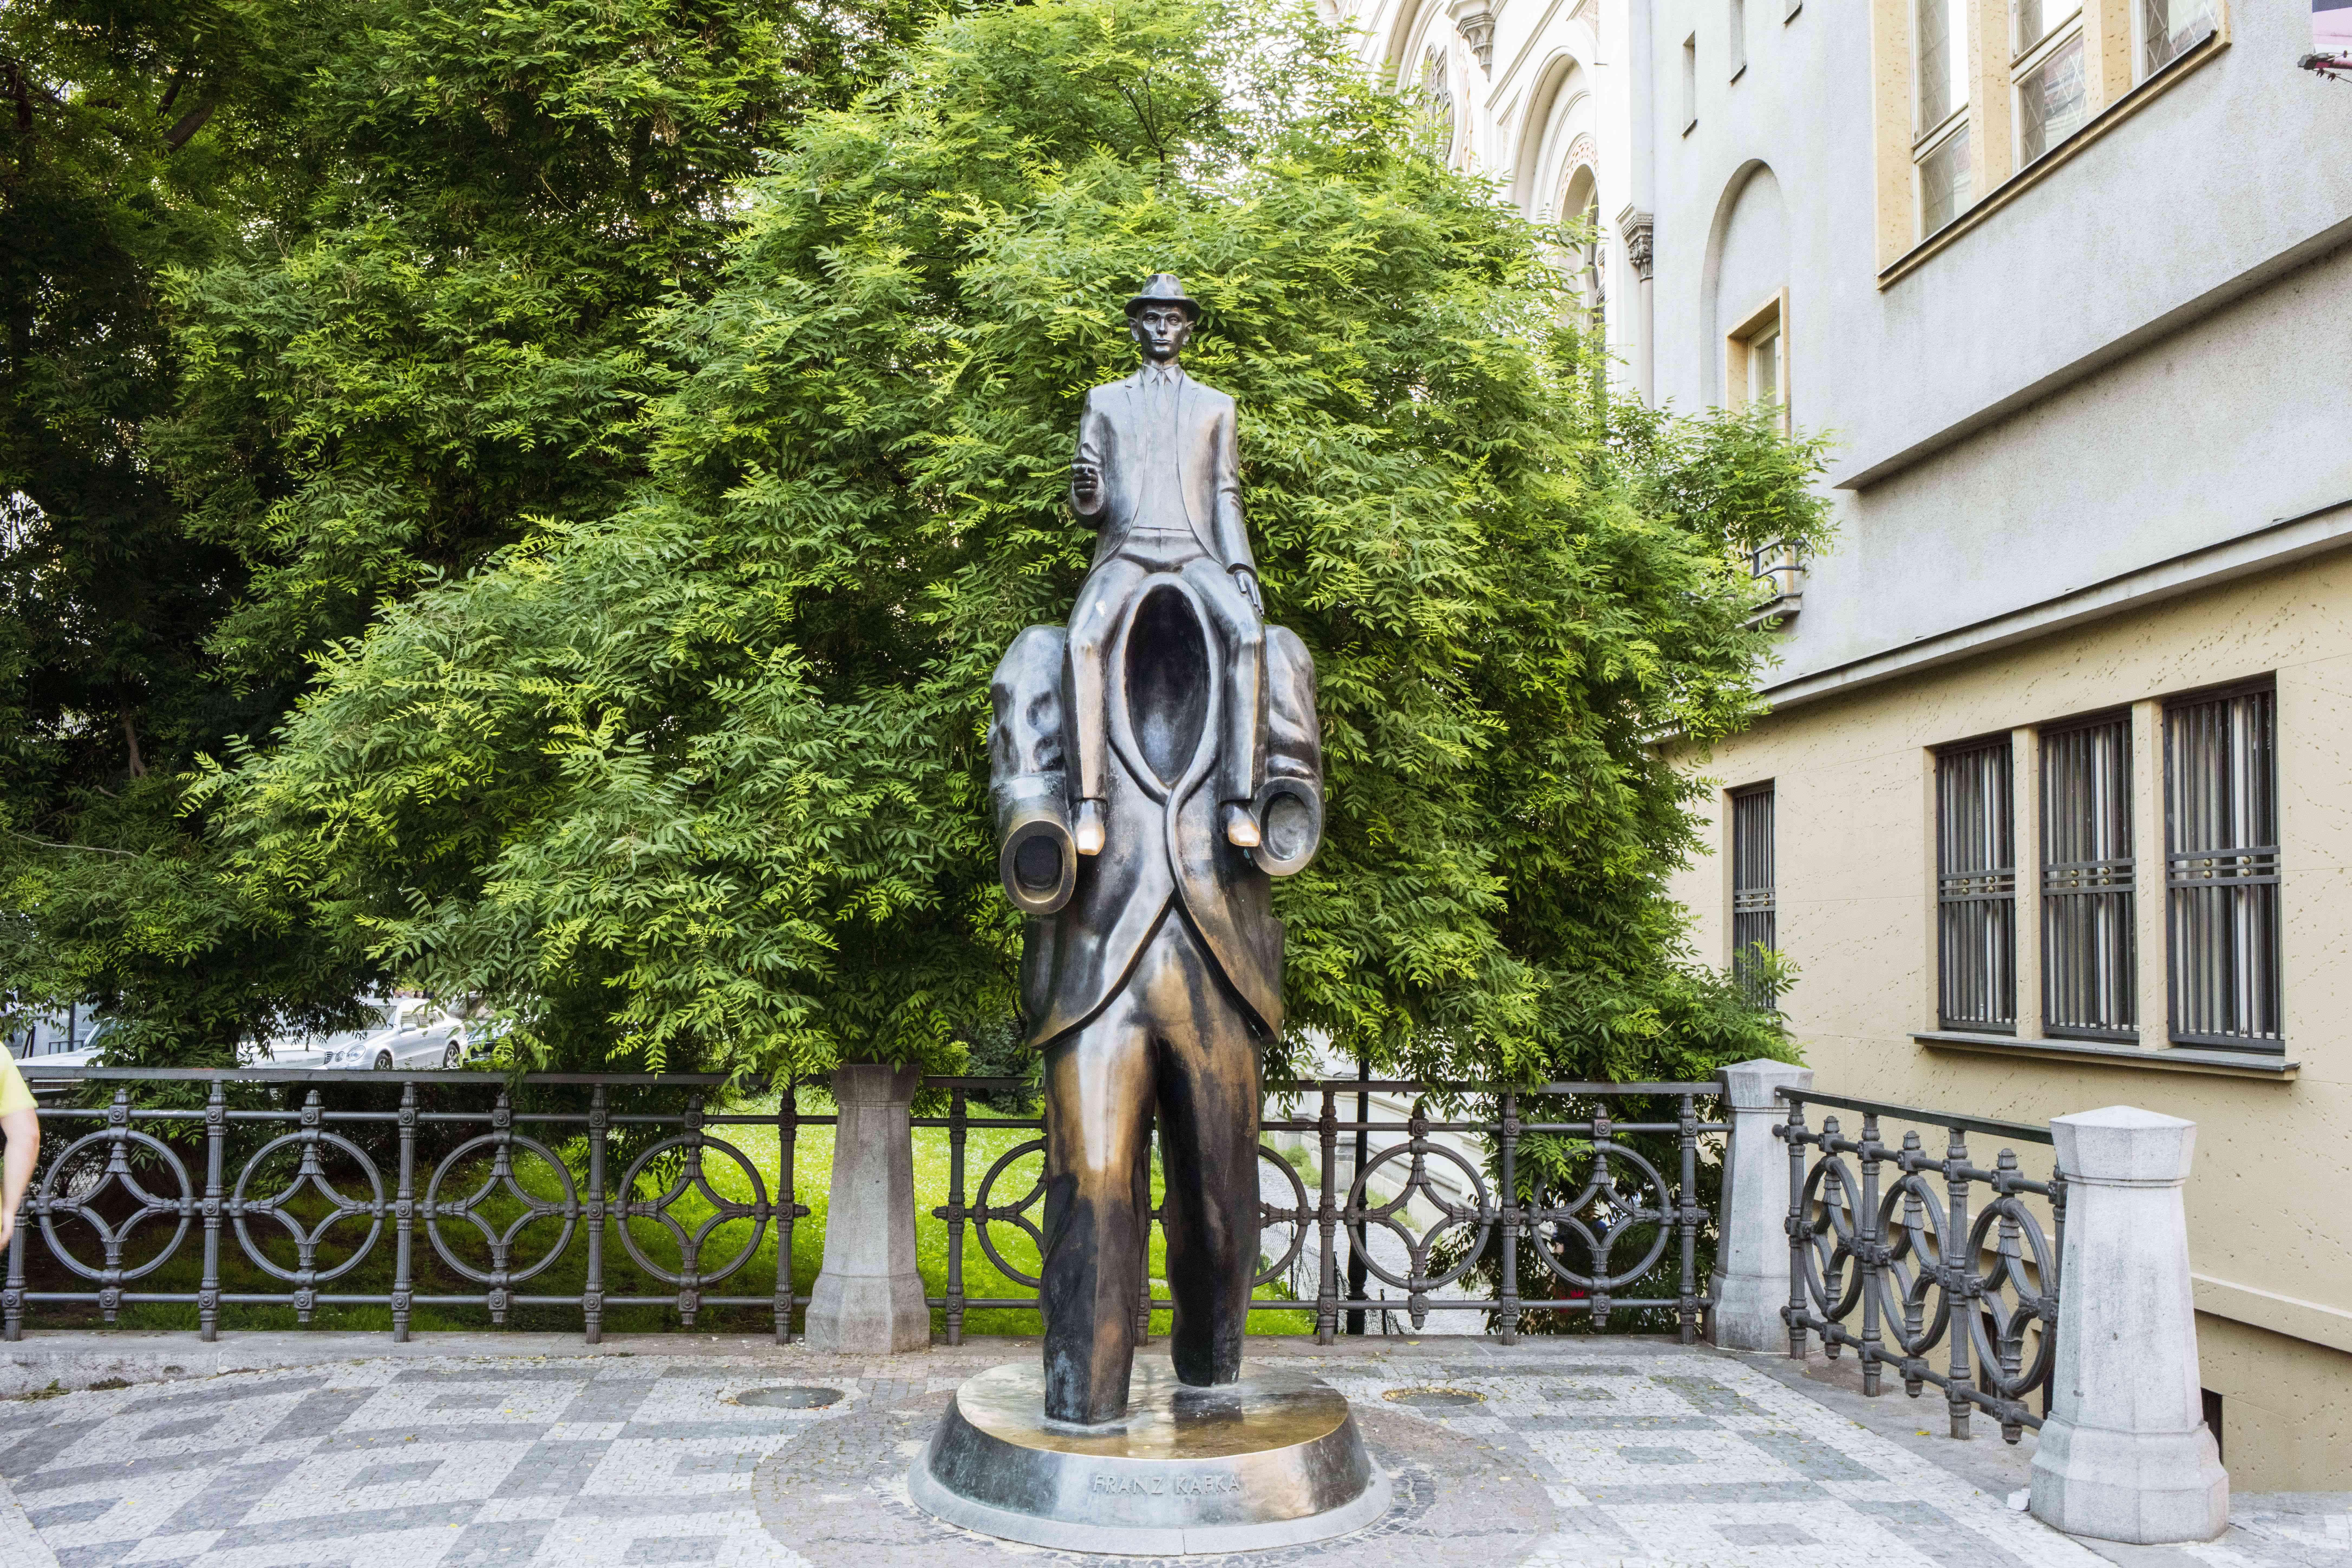 Una estatua de un hombre montado en otro hombre sin cabeza